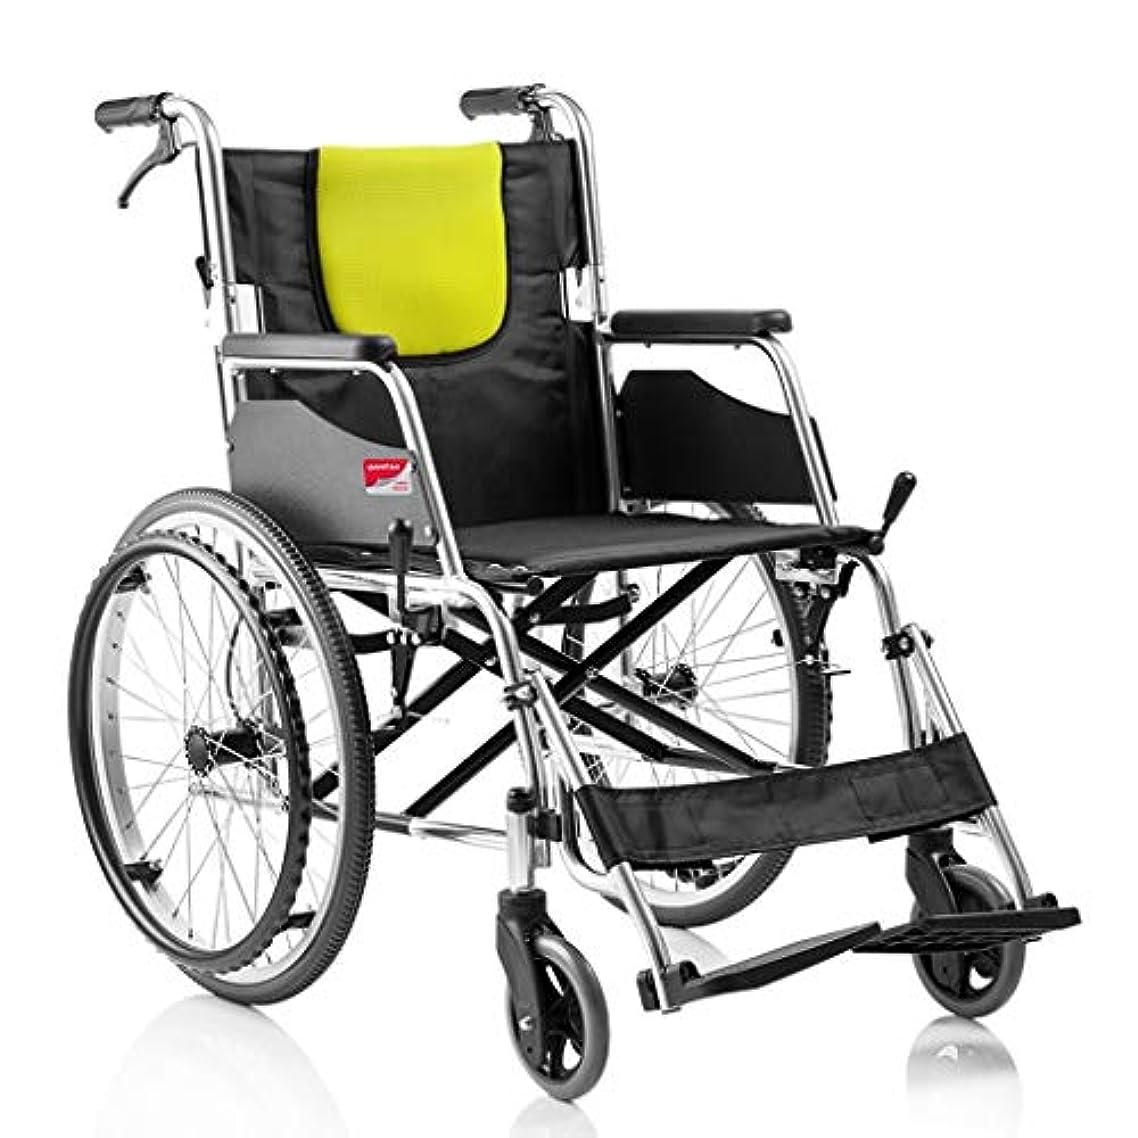 ニュージーランド義務づけるキャンベラ車椅子折りたたみ式、手動車椅子無料インフレータブルダブルブレーキデザイン、老人の手押し車椅子